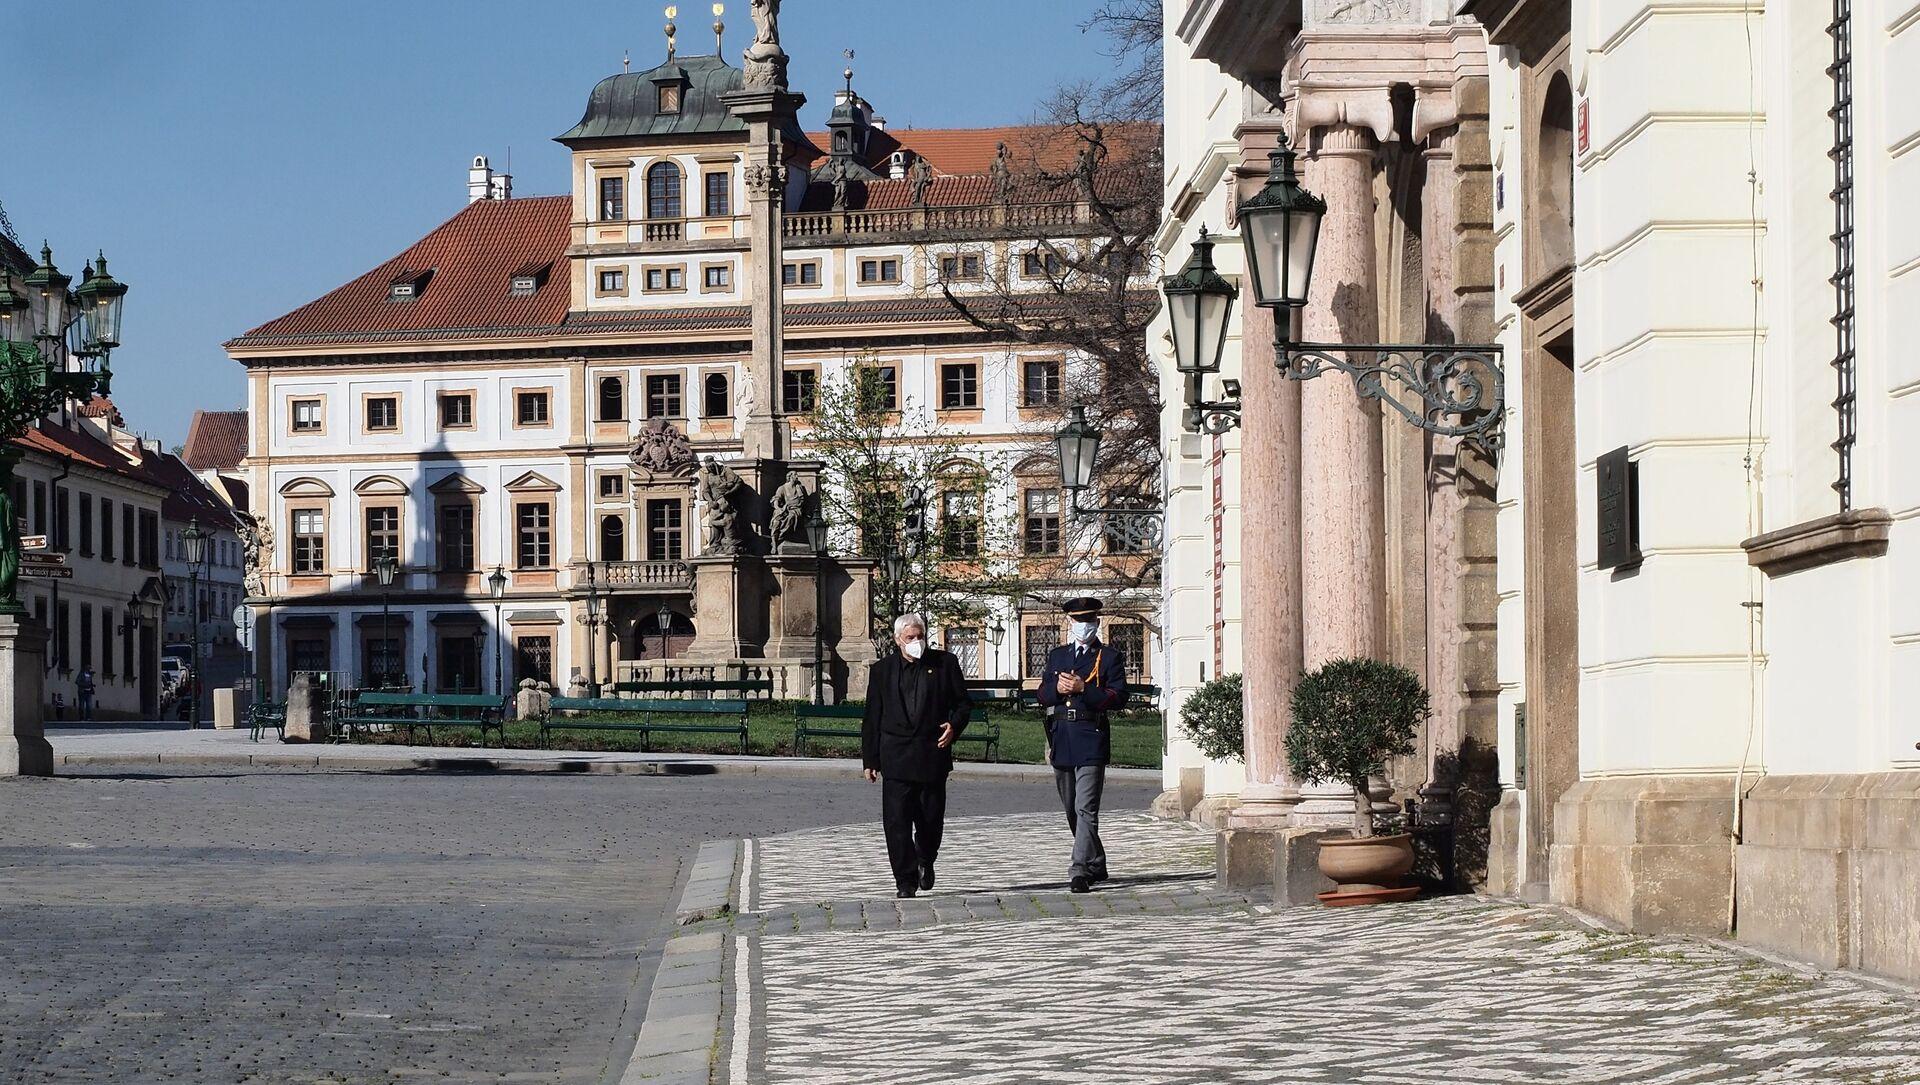 Praha, Hradčanské náměstí - Sputnik Česká republika, 1920, 27.02.2021